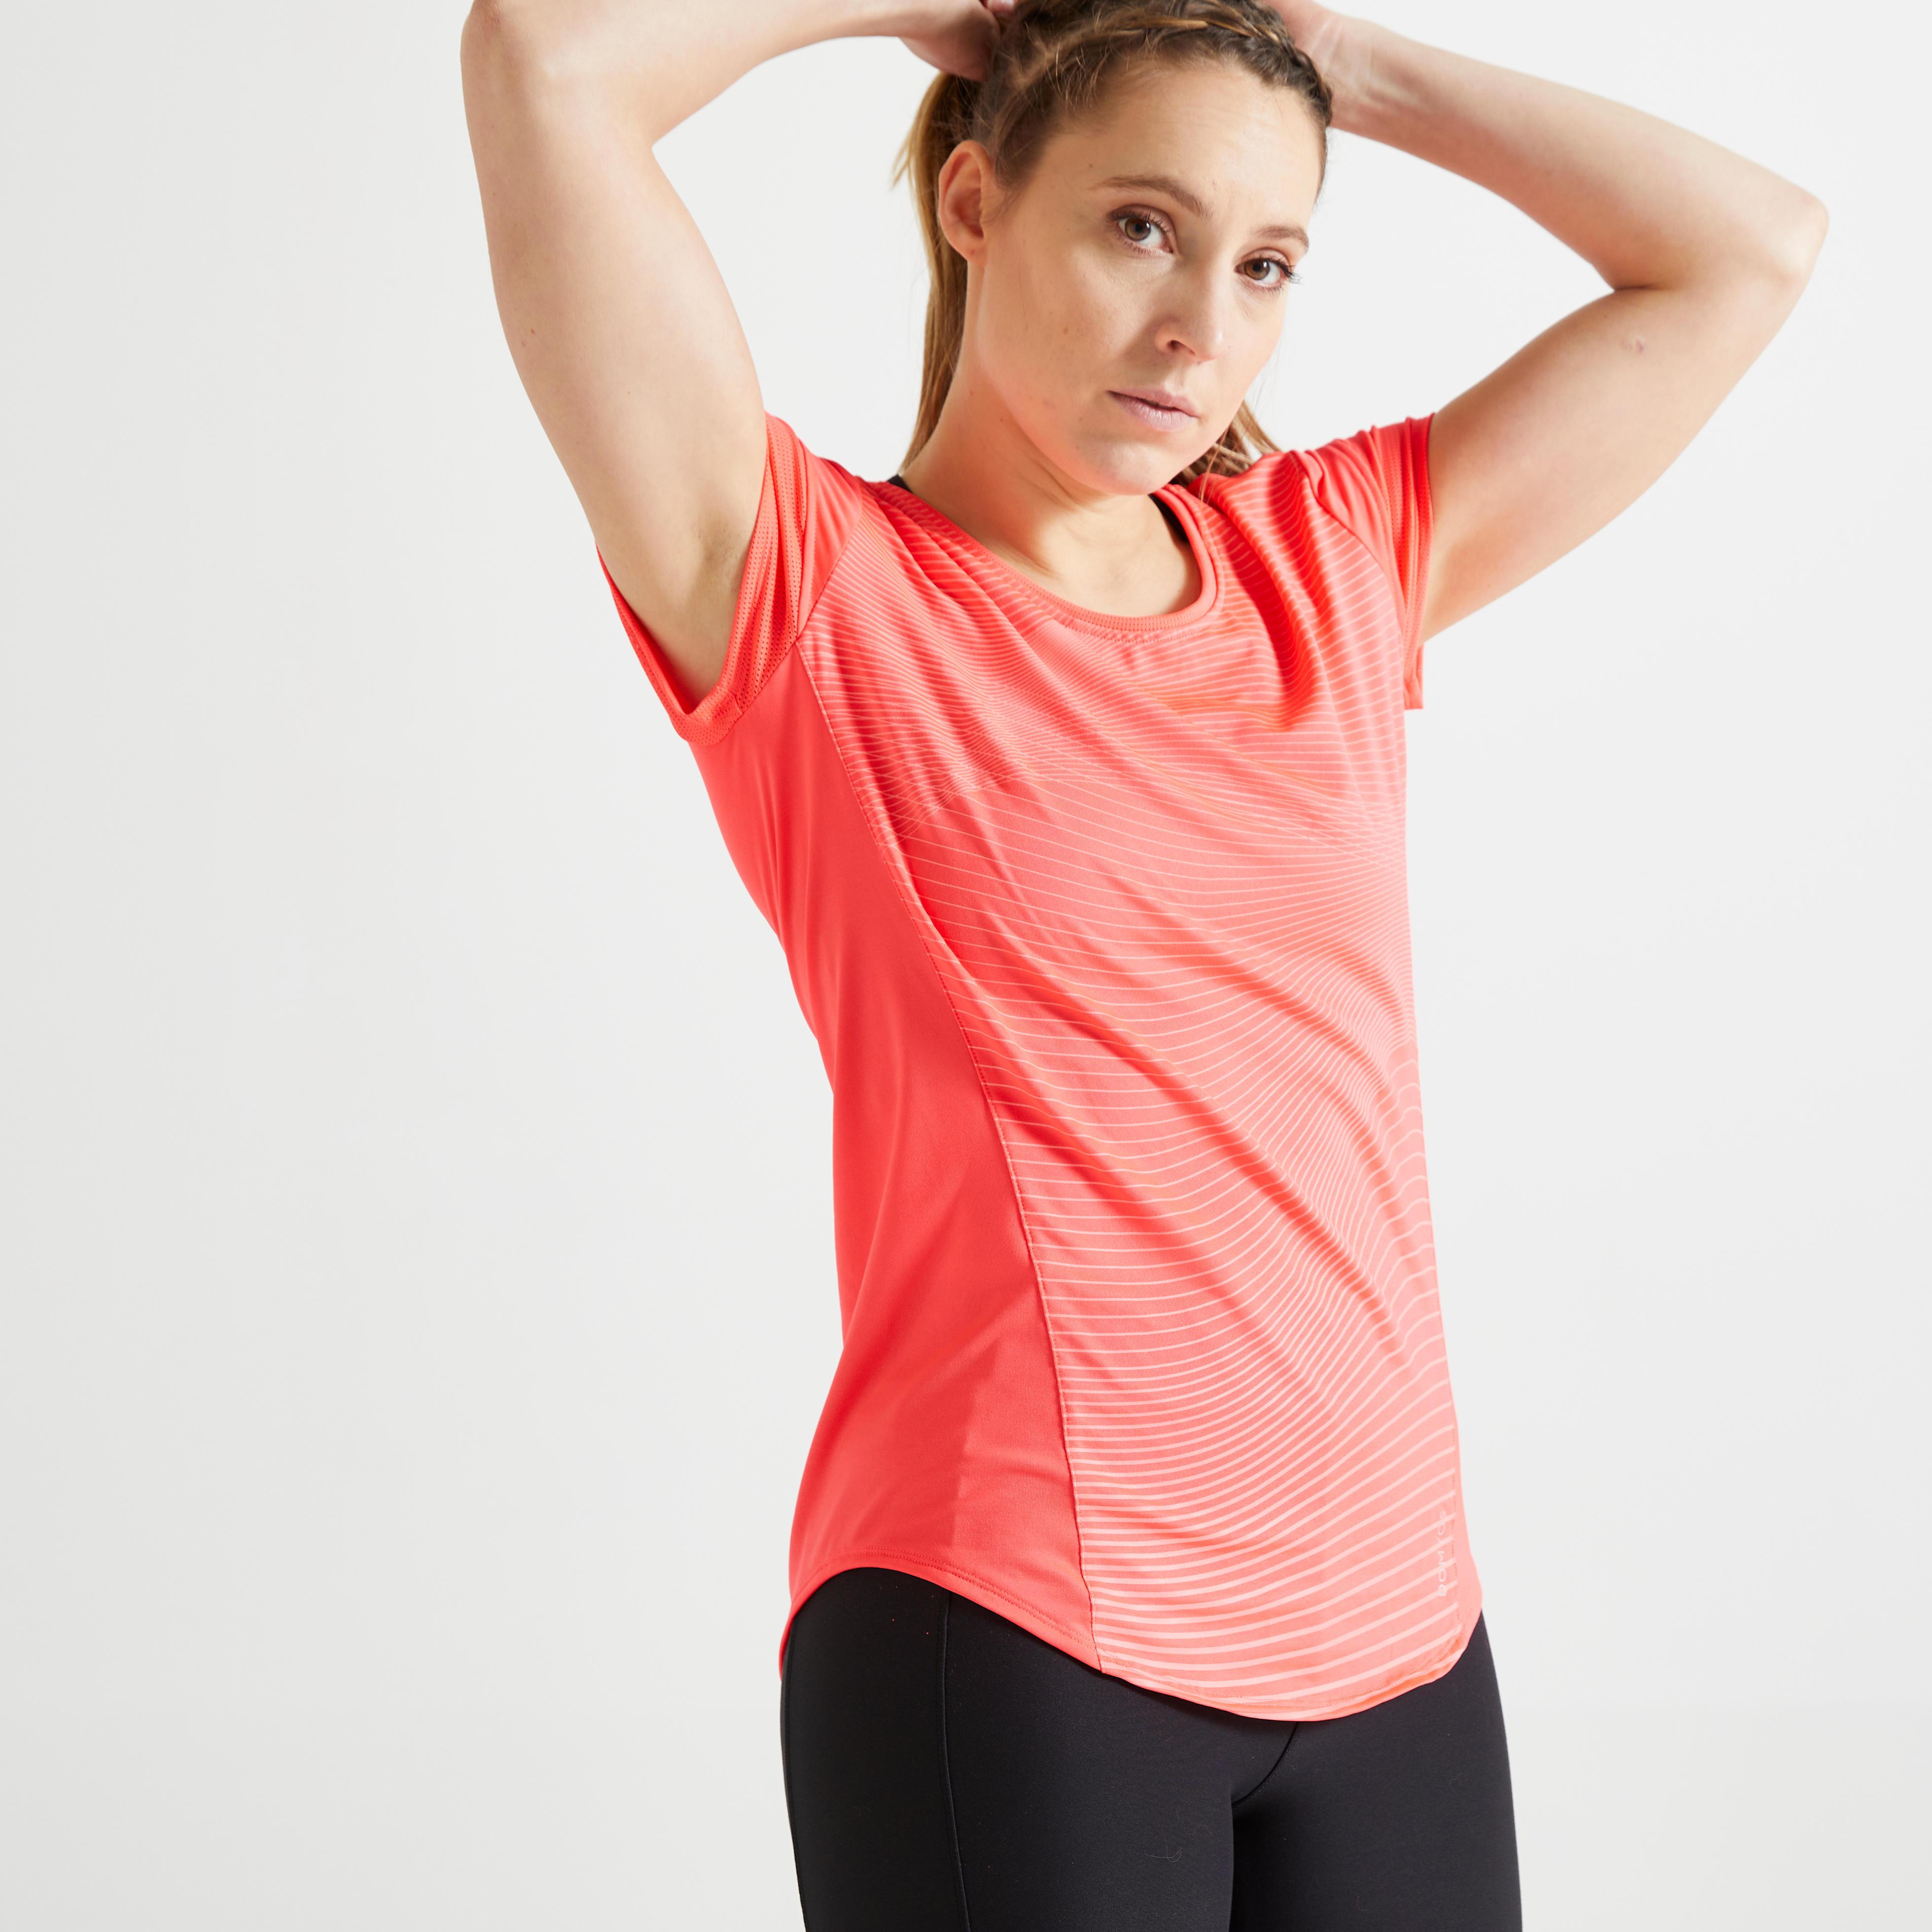 Tricou Fitness 120 Damă imagine